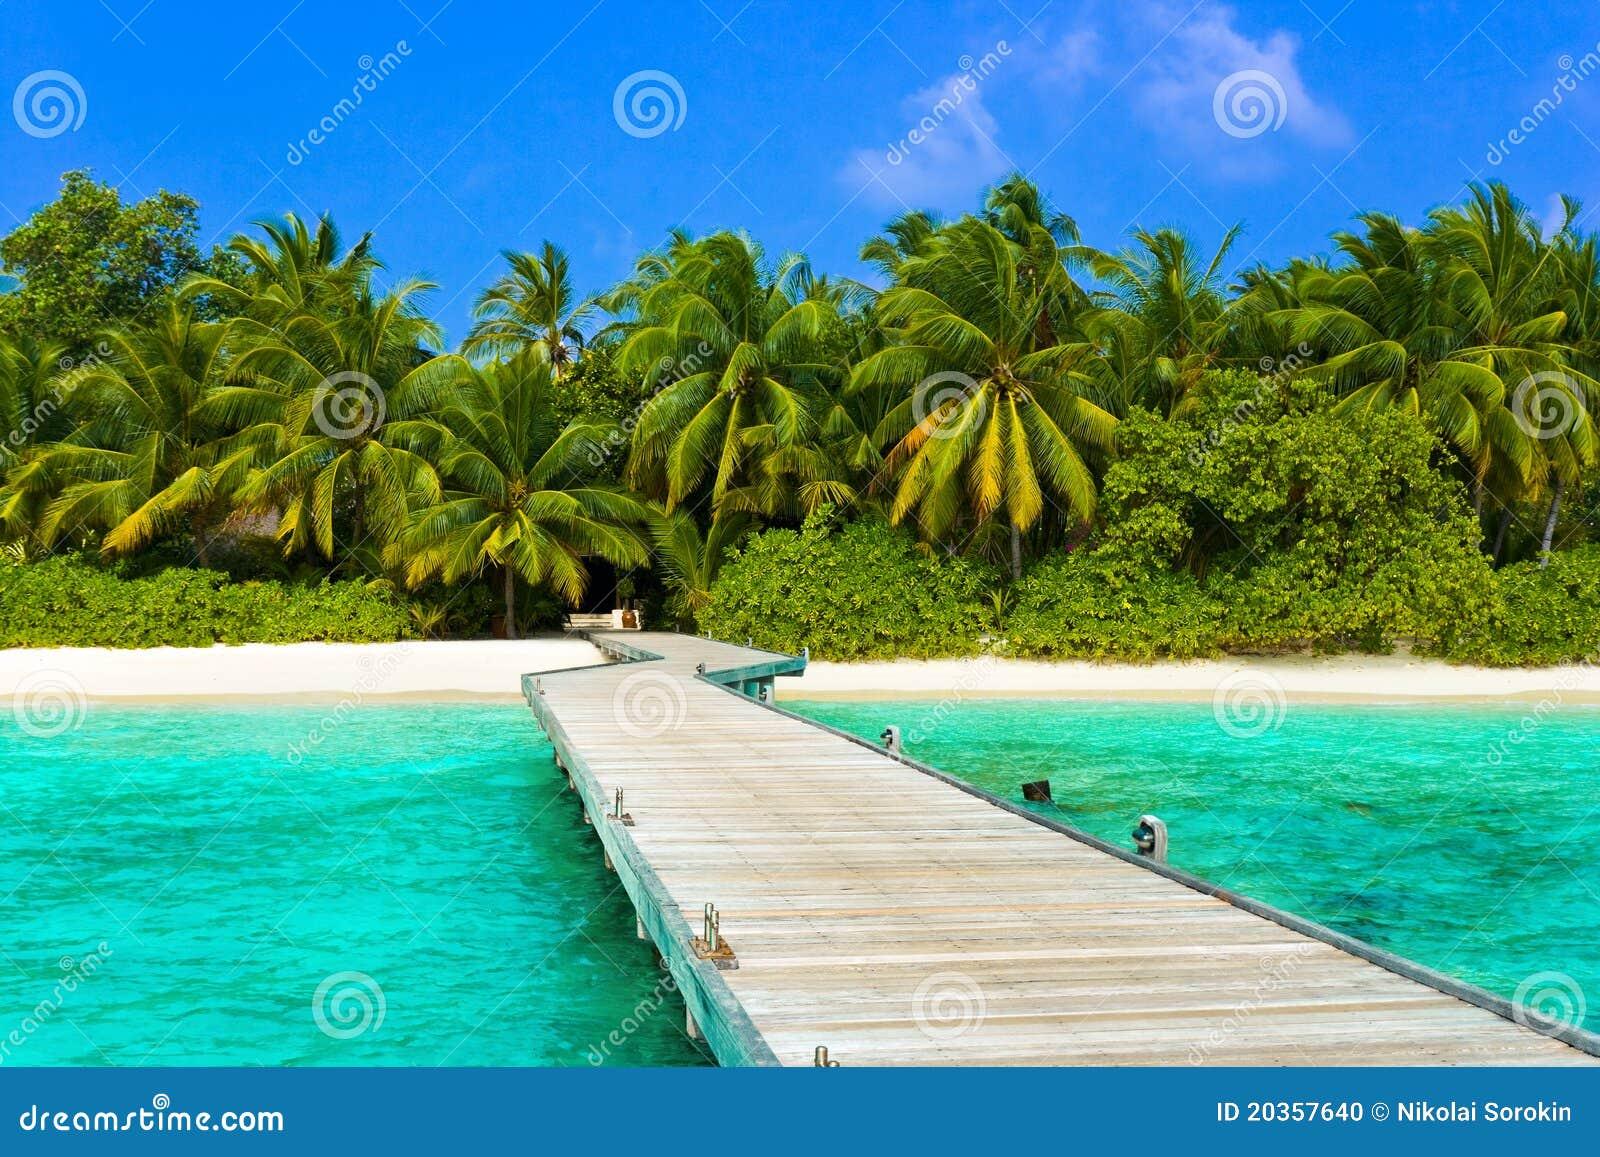 Molhe, praia e selva